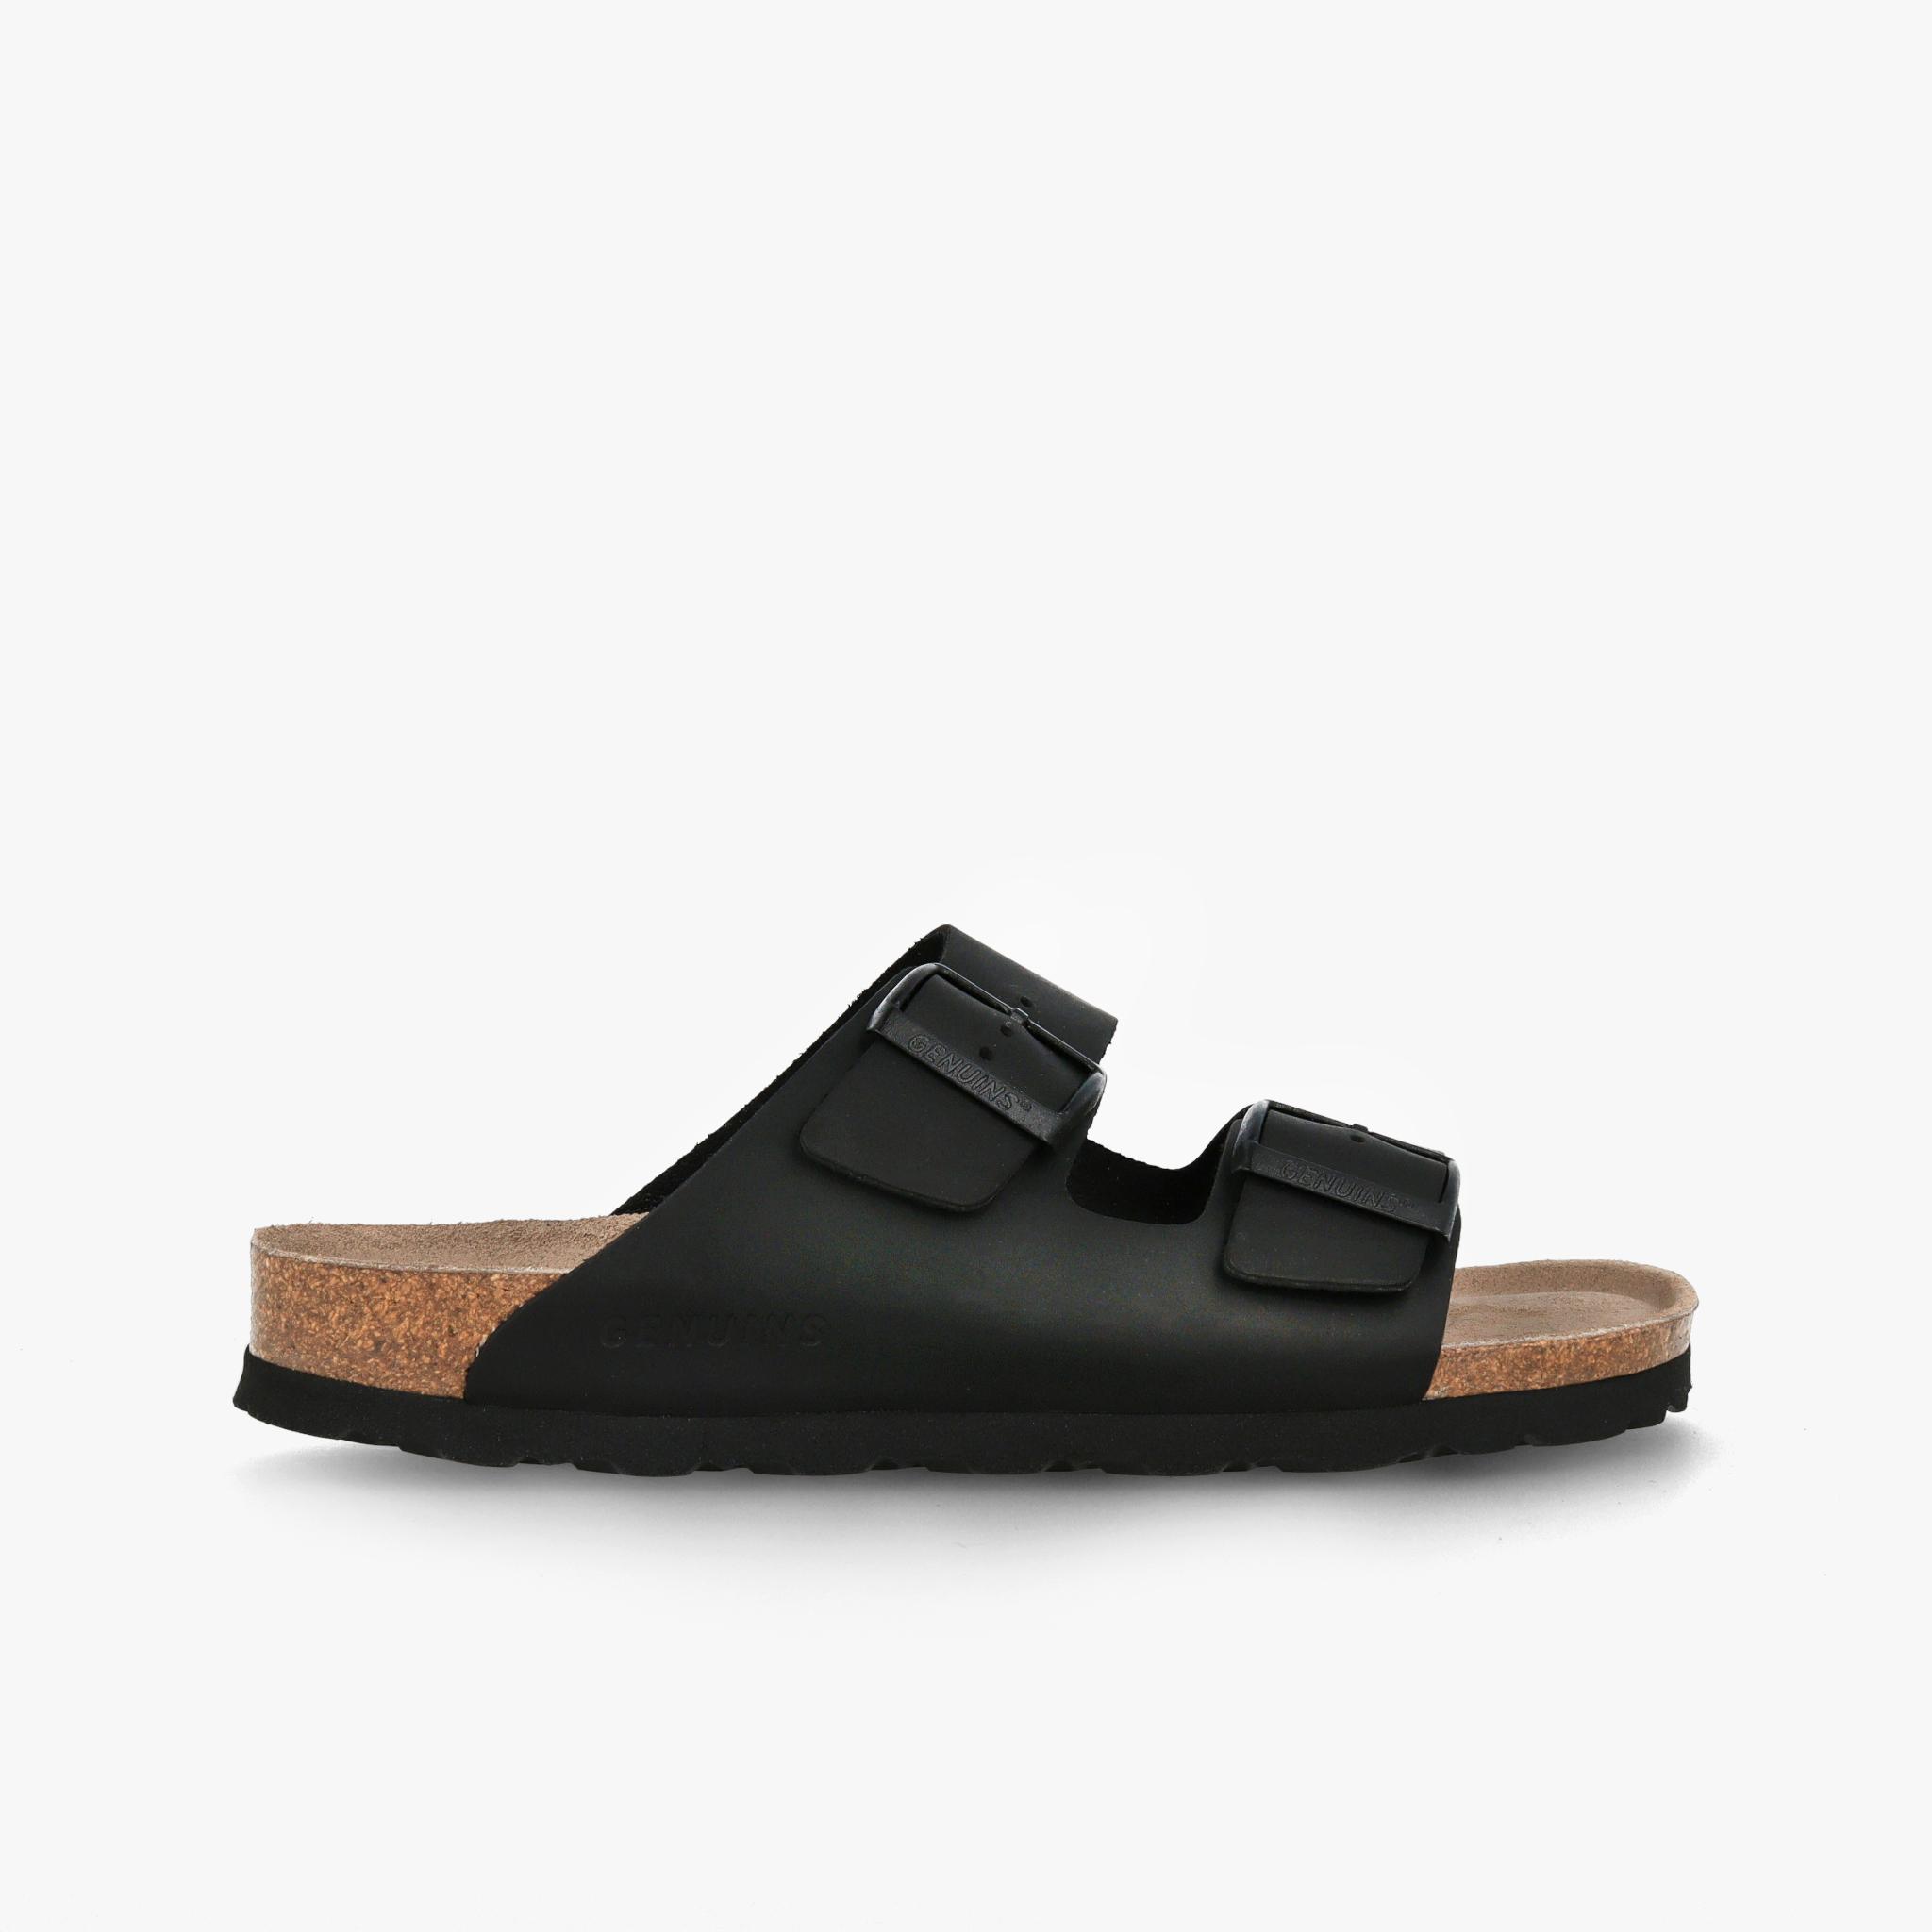 Genuins 純素皮革軟木雙扣女士涼鞋-黑